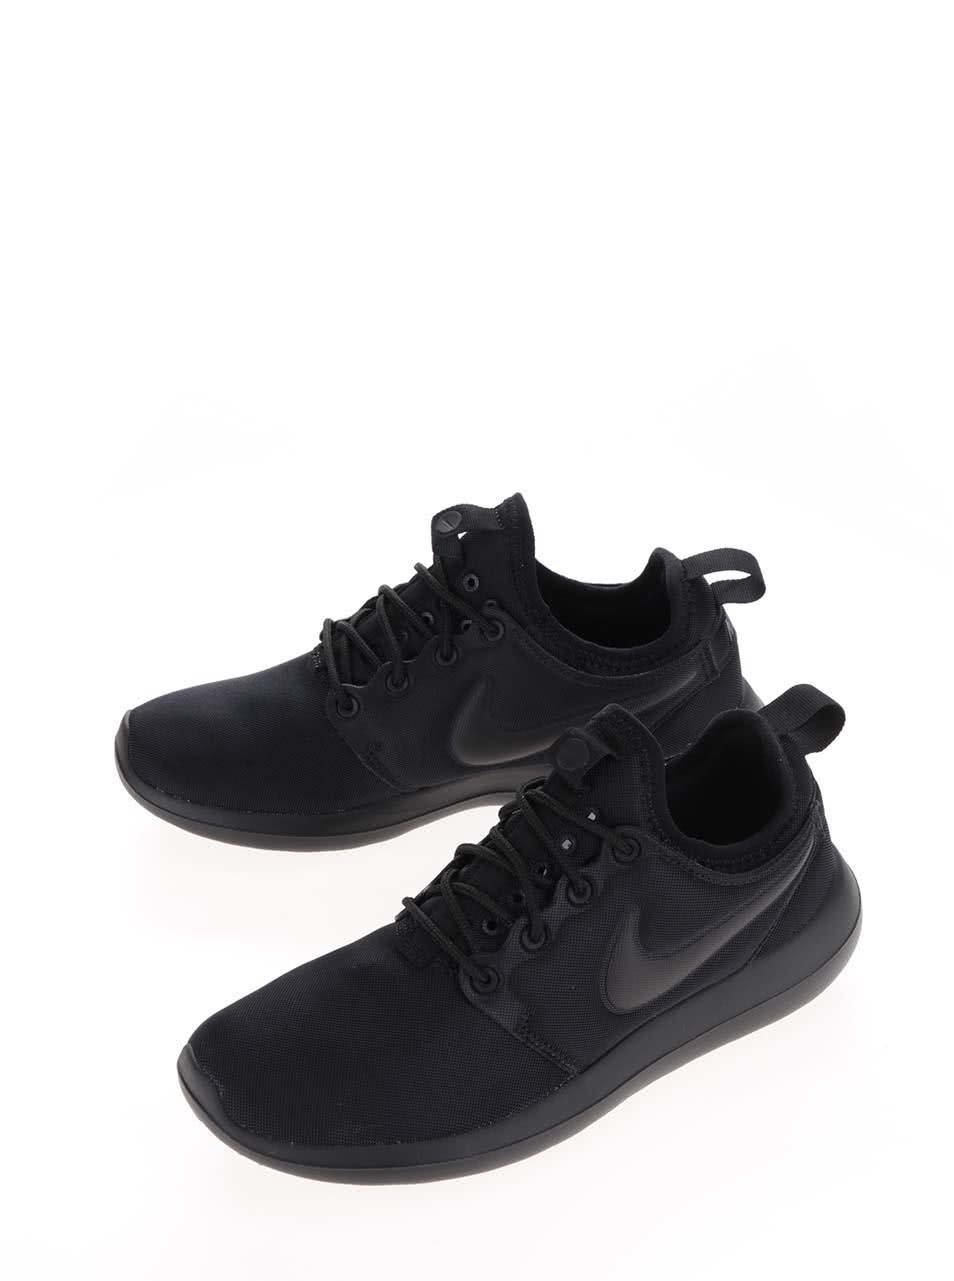 Černé dámské tenisky Nike Roshe Two ... e5b16b7815c